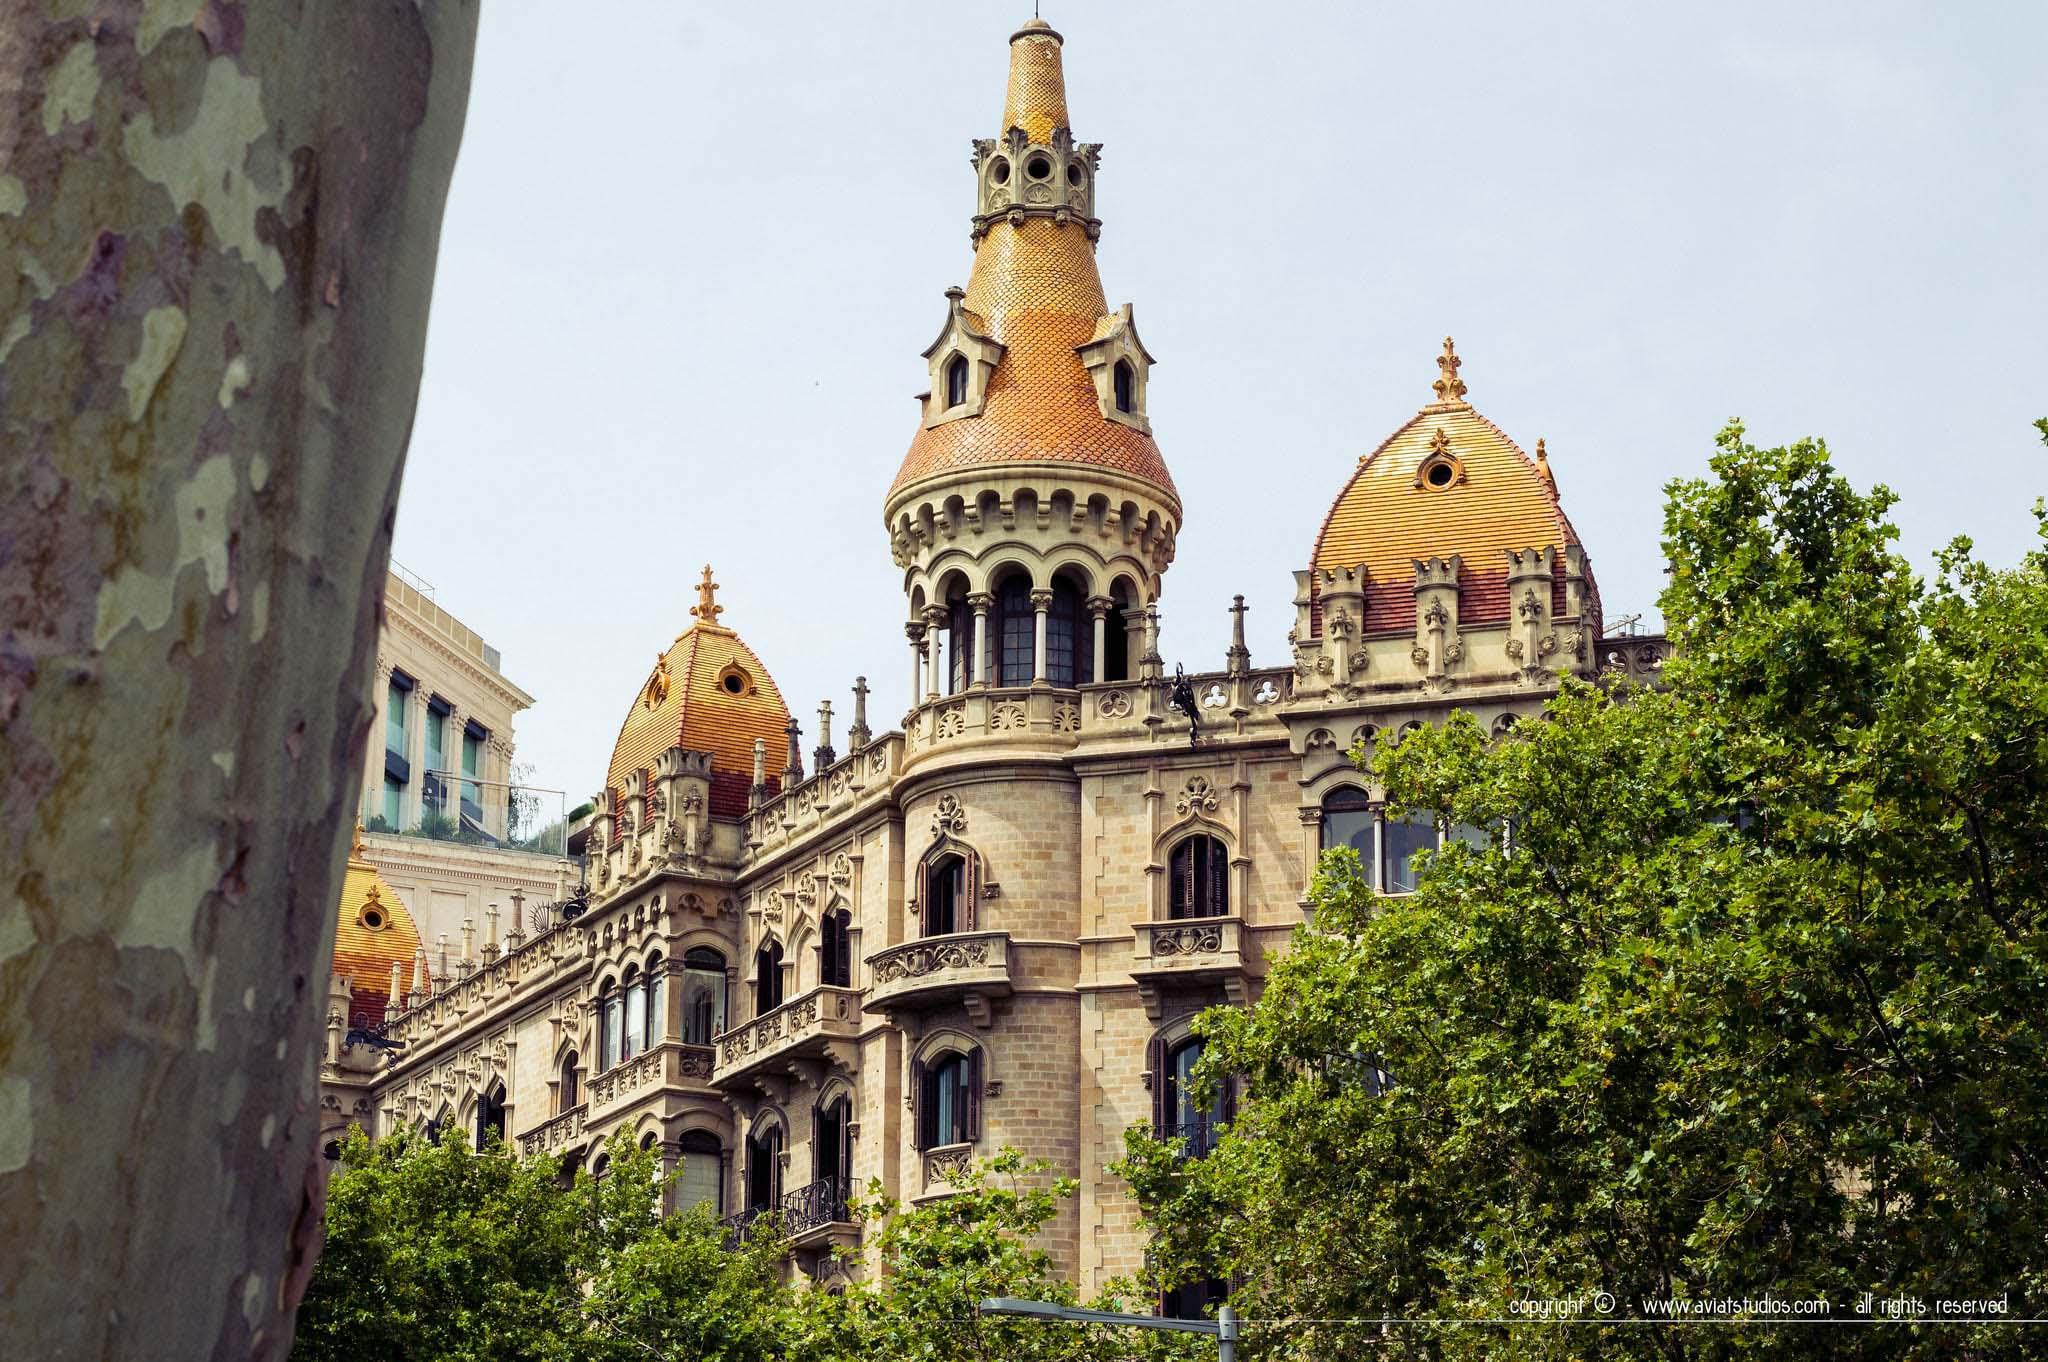 Une semaine à Barcelone – nos impressions et coups de cœur